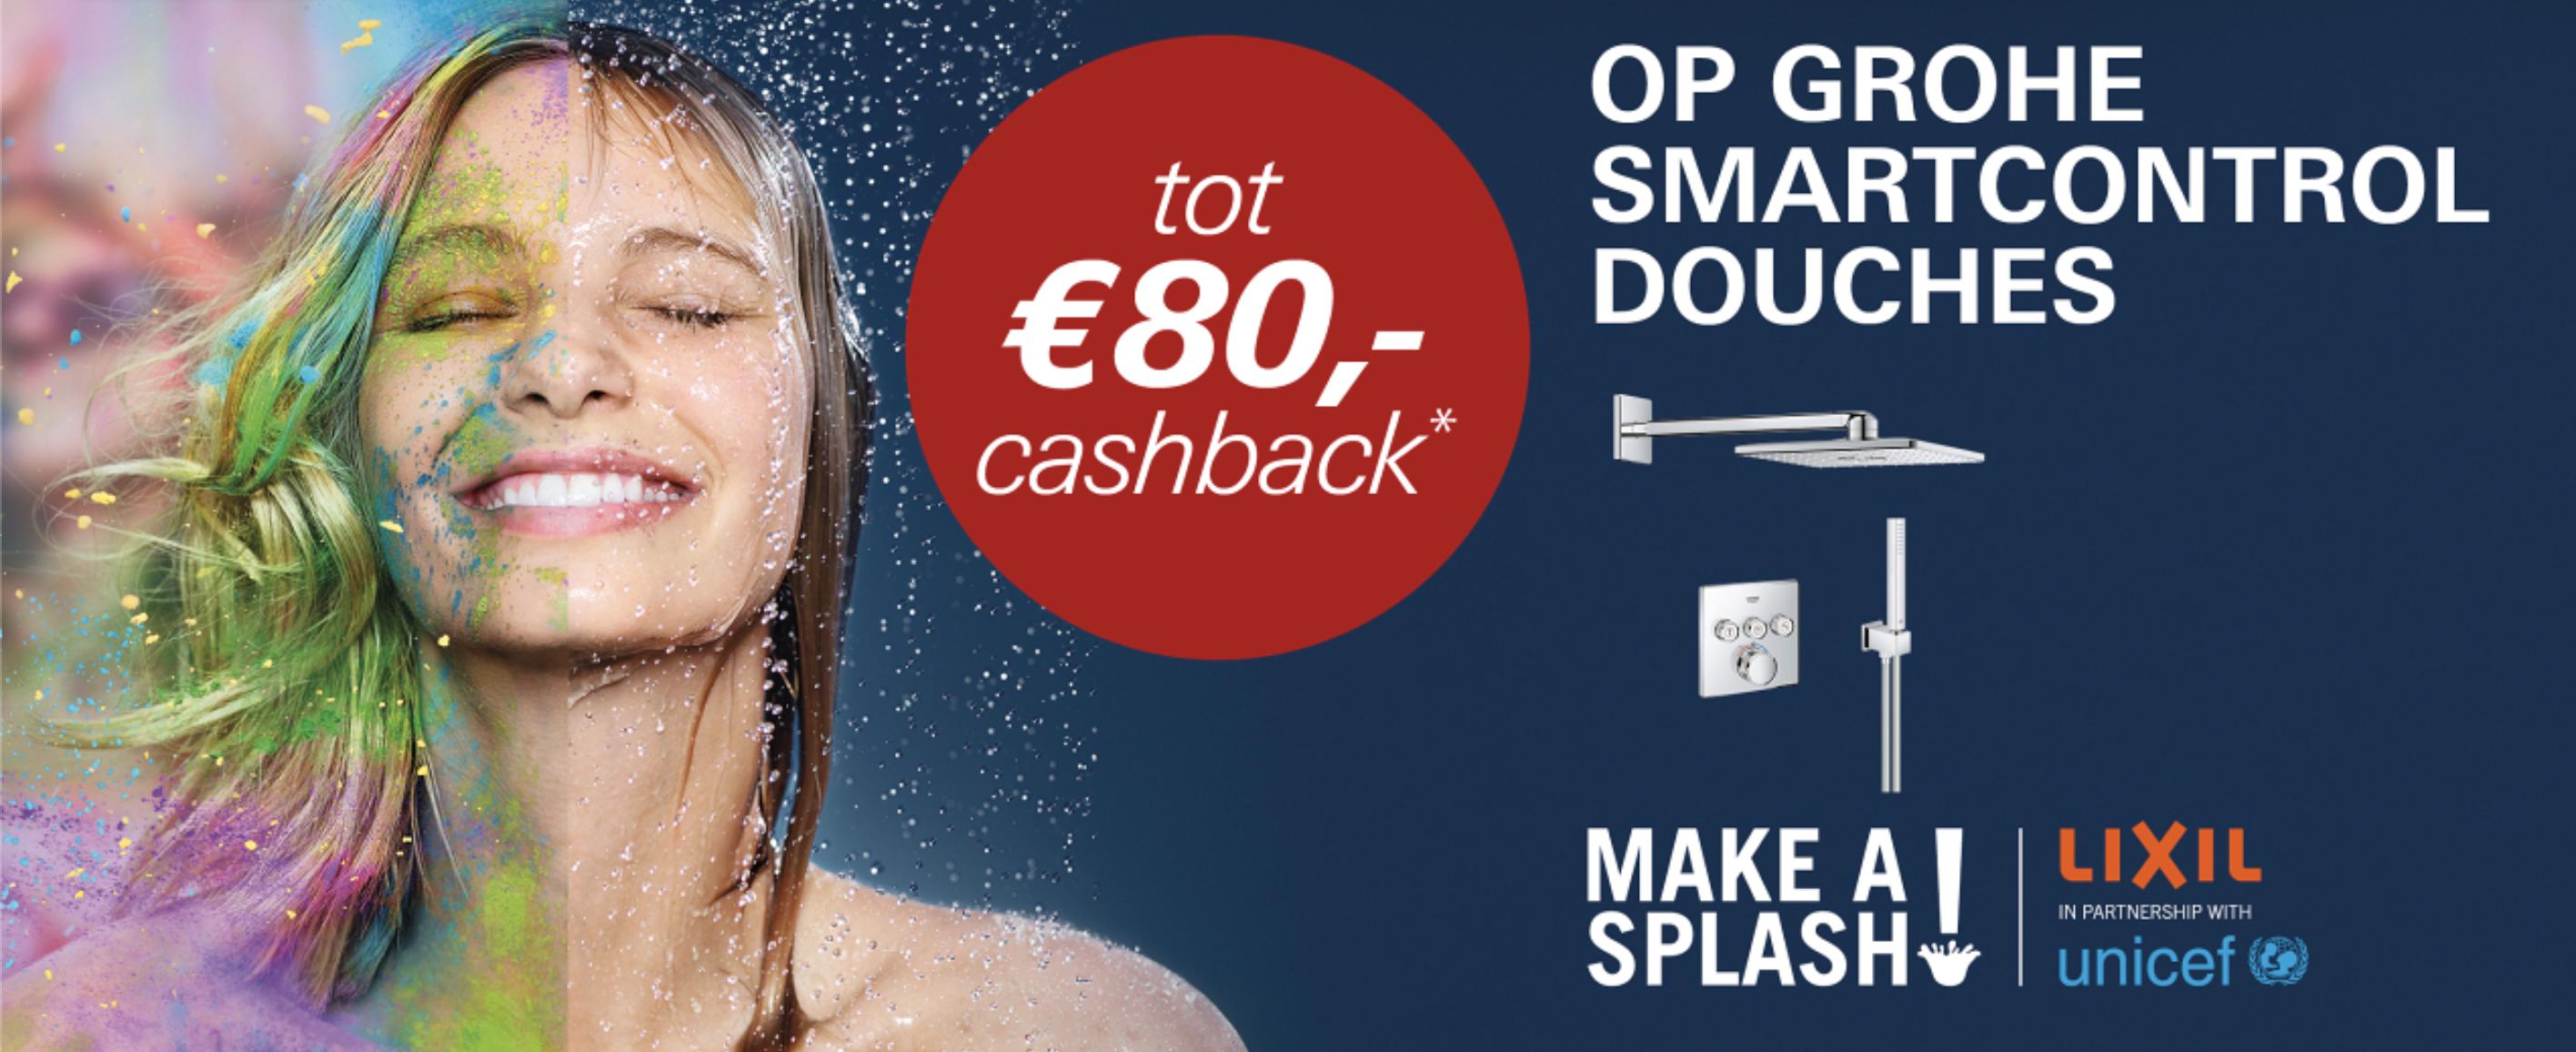 Ontvang tot 80 euro cashback bij de aankoop van een grohe smartcontrol douche